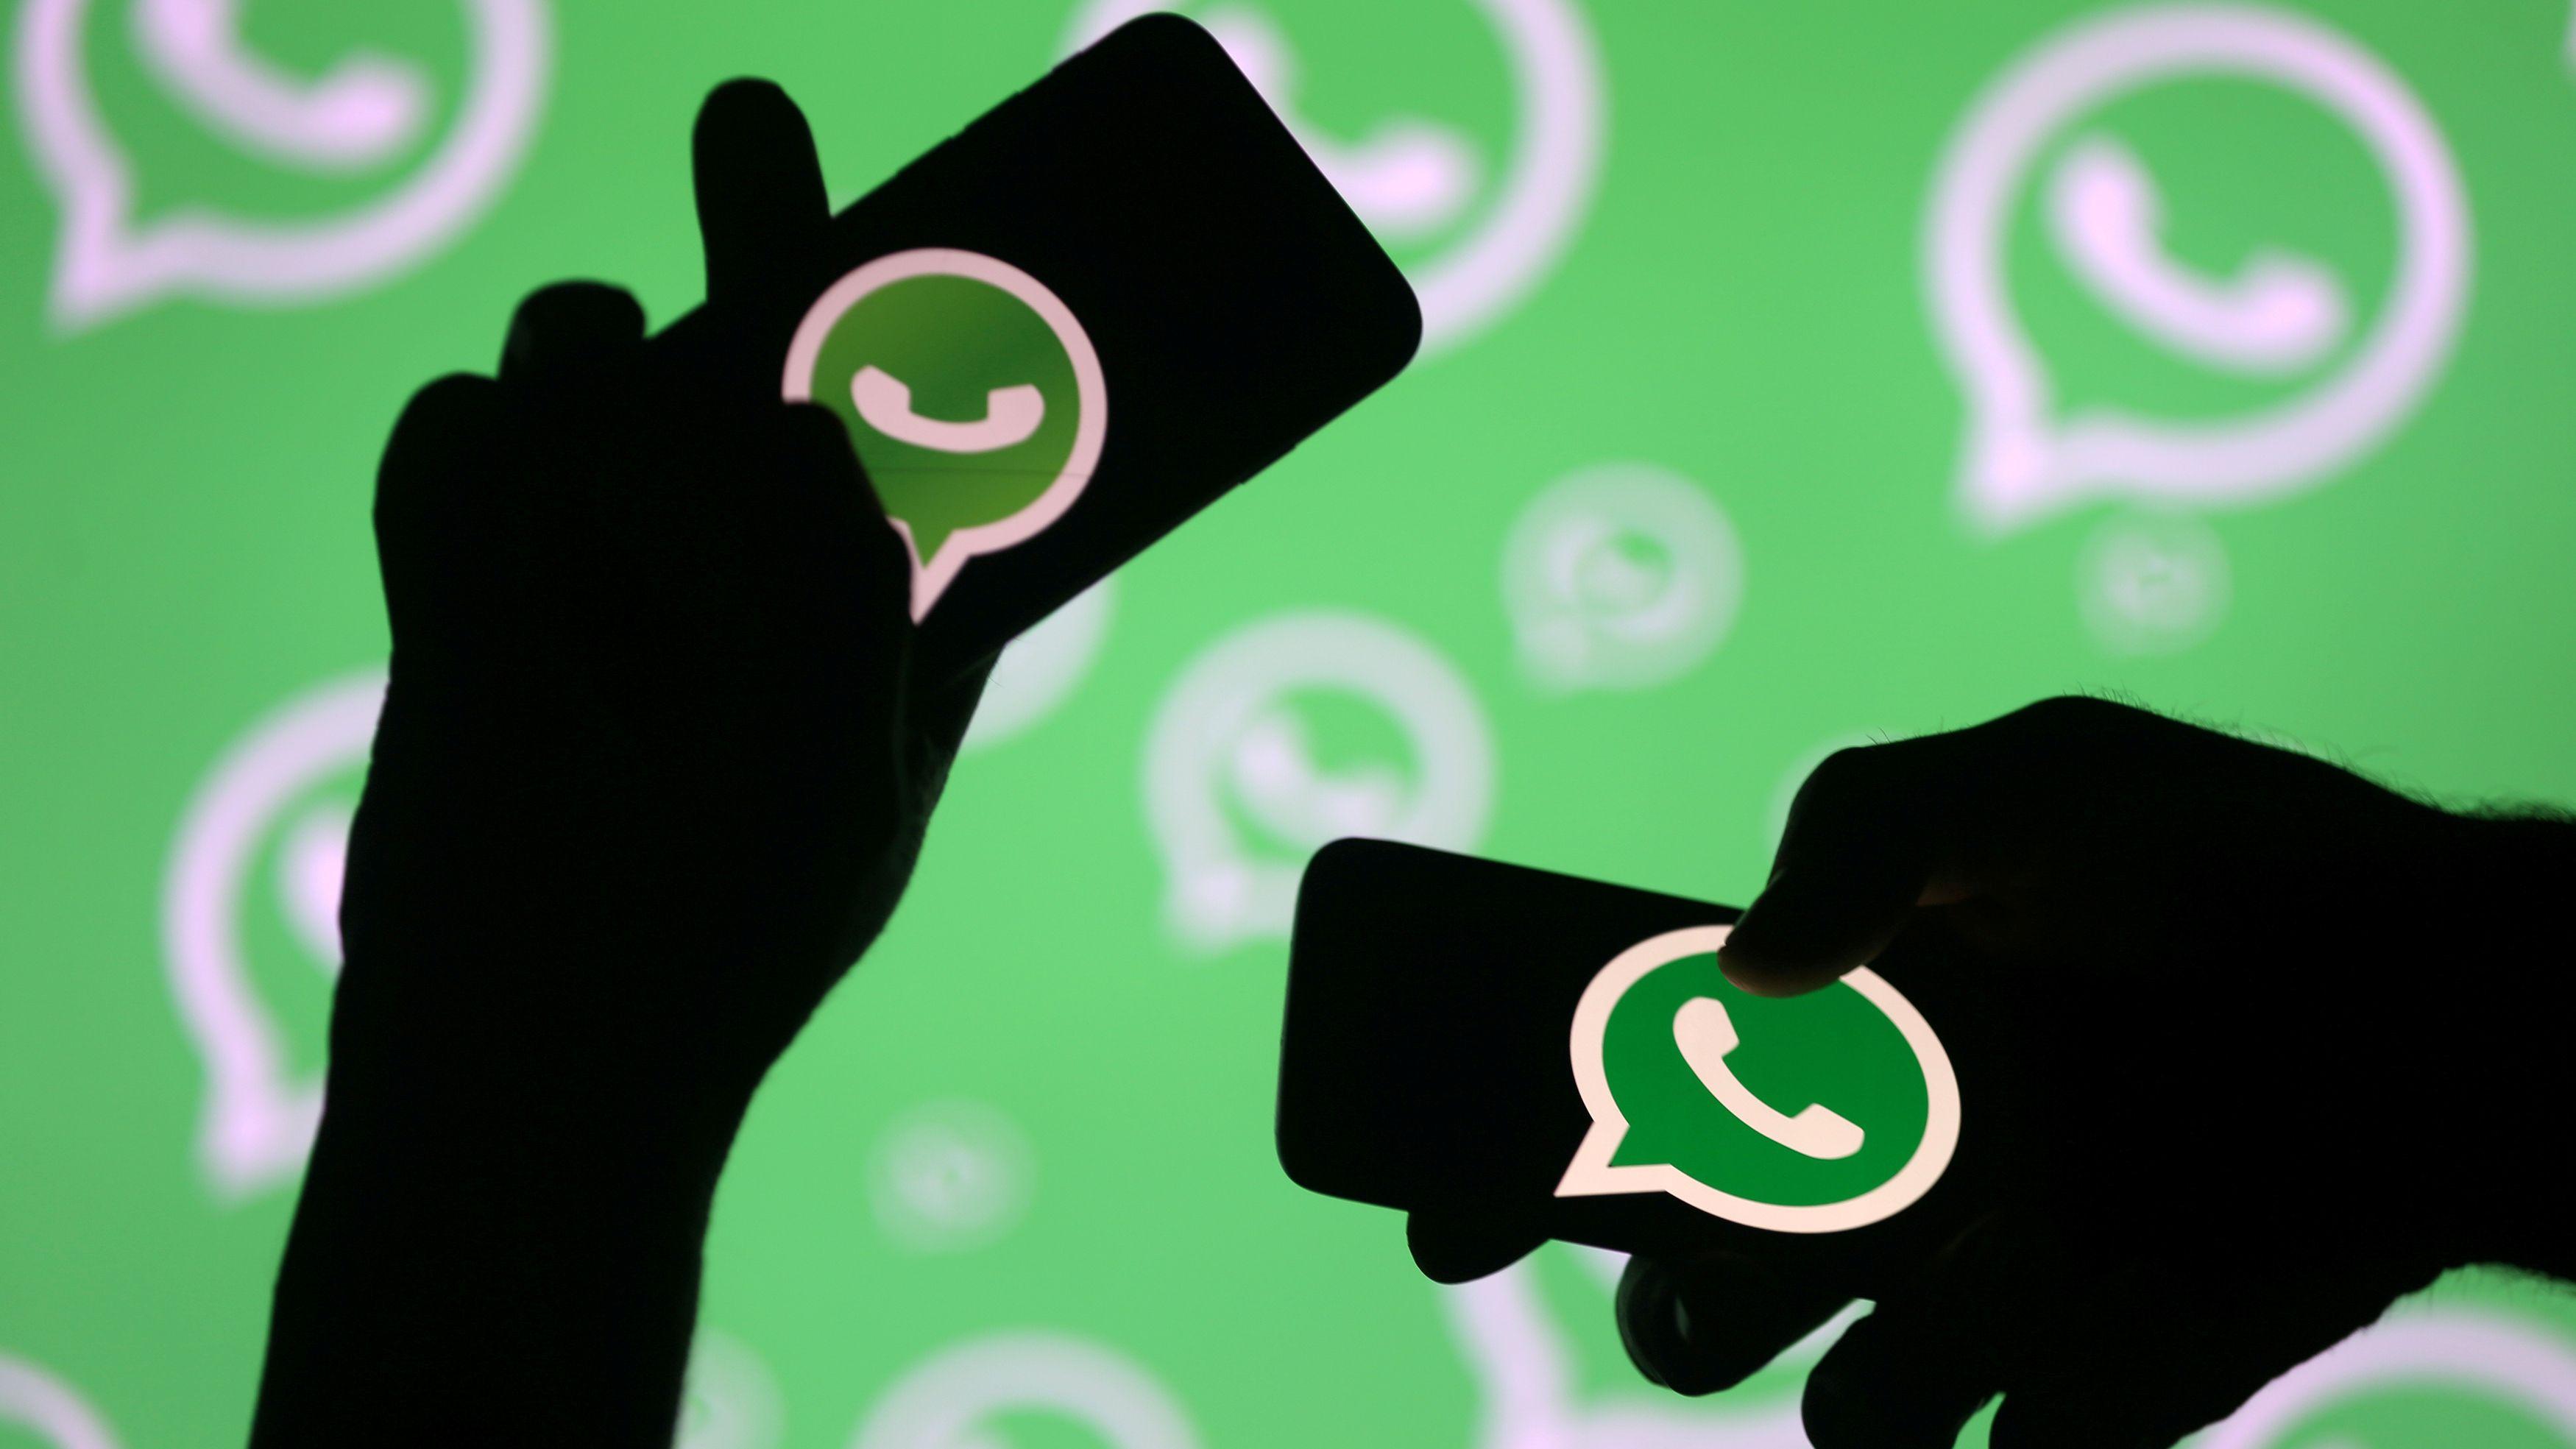 Cientos de miles de números de WhatsApp quedaron expuestos en la web  (REUTERS/Dado Ruvic/File Photo)